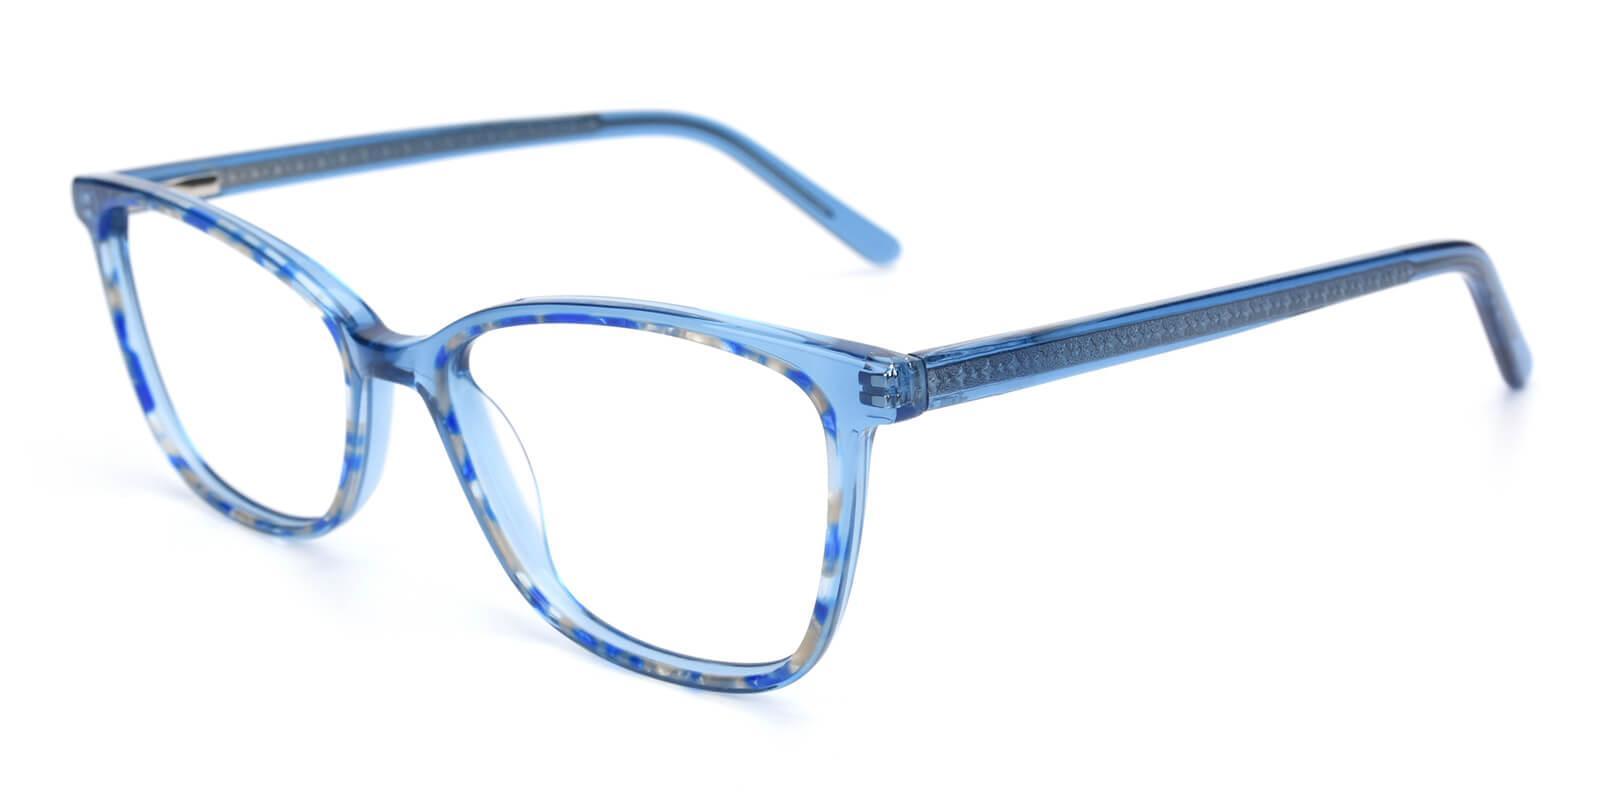 Darleney-Blue-Cat-Acetate-Eyeglasses-detail